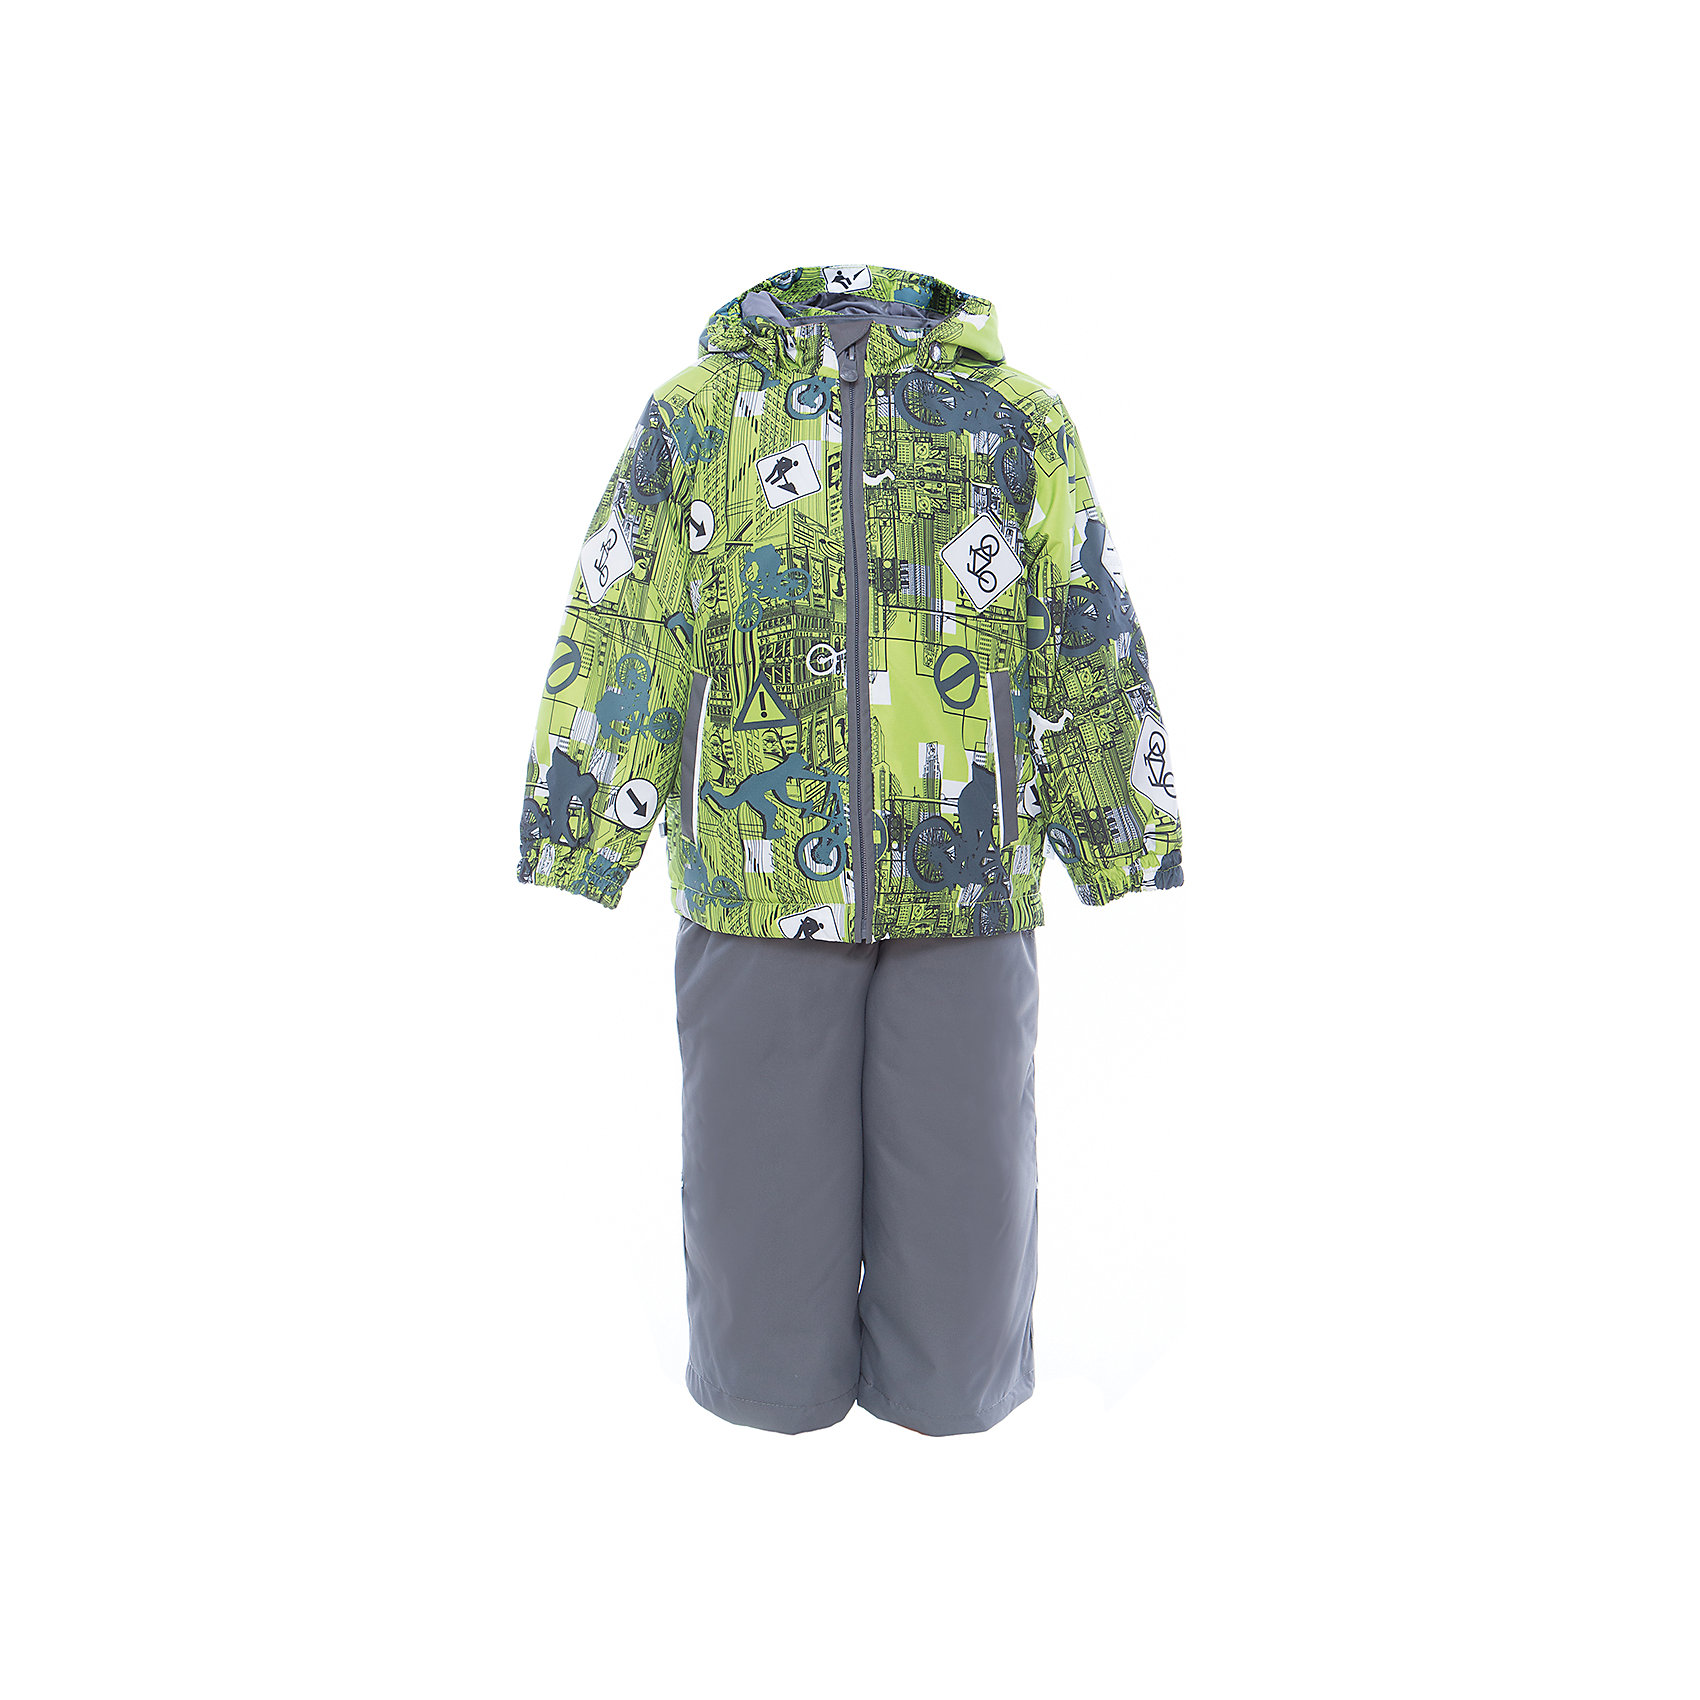 Комплект: куртка и полукомбинезон YOKO для мальчика HuppaВерхняя одежда<br>Характеристики товара:<br><br>• цвет: лайм принт/серый<br>• комплектация: куртка и полукомбинезон <br>• ткань: 100% полиэстер<br>• подкладка: тафта - 100% полиэстер<br>• утеплитель: в куртке и в брюках - 100% полиэстер 100 г<br>• температурный режим: от -5°С до +10°С<br>• водонепроницаемость: 10000 мм<br>• воздухопроницаемость: 10000 мм<br>• светоотражающие детали<br>• шов сидения проклеен<br>• эластичный шнур по низу куртки<br>• эластичный шнур с фиксатором внизу брючин<br>• съёмный капюшон с резинкой<br>• эластичные манжеты рукавов<br>• регулируемые низы брючин<br>• без внутренних швов<br>• резиновые подтяжки<br>• коллекция: весна-лето 2017<br>• страна бренда: Эстония<br><br>Такой модный демисезонный комплект  обеспечит детям тепло и комфорт. Он сделан из материала, отталкивающего воду, и дополнен подкладкой с утеплителем, поэтому изделие идеально подходит для межсезонья. Материал изделий - с мембранной технологией: защищая от влаги и ветра, он легко выводит лишнюю влагу наружу. Комплект очень симпатично смотрится. <br><br>Одежда и обувь от популярного эстонского бренда Huppa - отличный вариант одеть ребенка можно и комфортно. Вещи, выпускаемые компанией, качественные, продуманные и очень удобные. Для производства изделий используются только безопасные для детей материалы. Продукция от Huppa порадует и детей, и их родителей!<br><br>Комплект: куртка и полукомбинезон YOKO от бренда Huppa (Хуппа) можно купить в нашем интернет-магазине.<br><br>Ширина мм: 356<br>Глубина мм: 10<br>Высота мм: 245<br>Вес г: 519<br>Цвет: зеленый<br>Возраст от месяцев: 72<br>Возраст до месяцев: 84<br>Пол: Мужской<br>Возраст: Детский<br>Размер: 122,92,98,104,110,116<br>SKU: 5346788